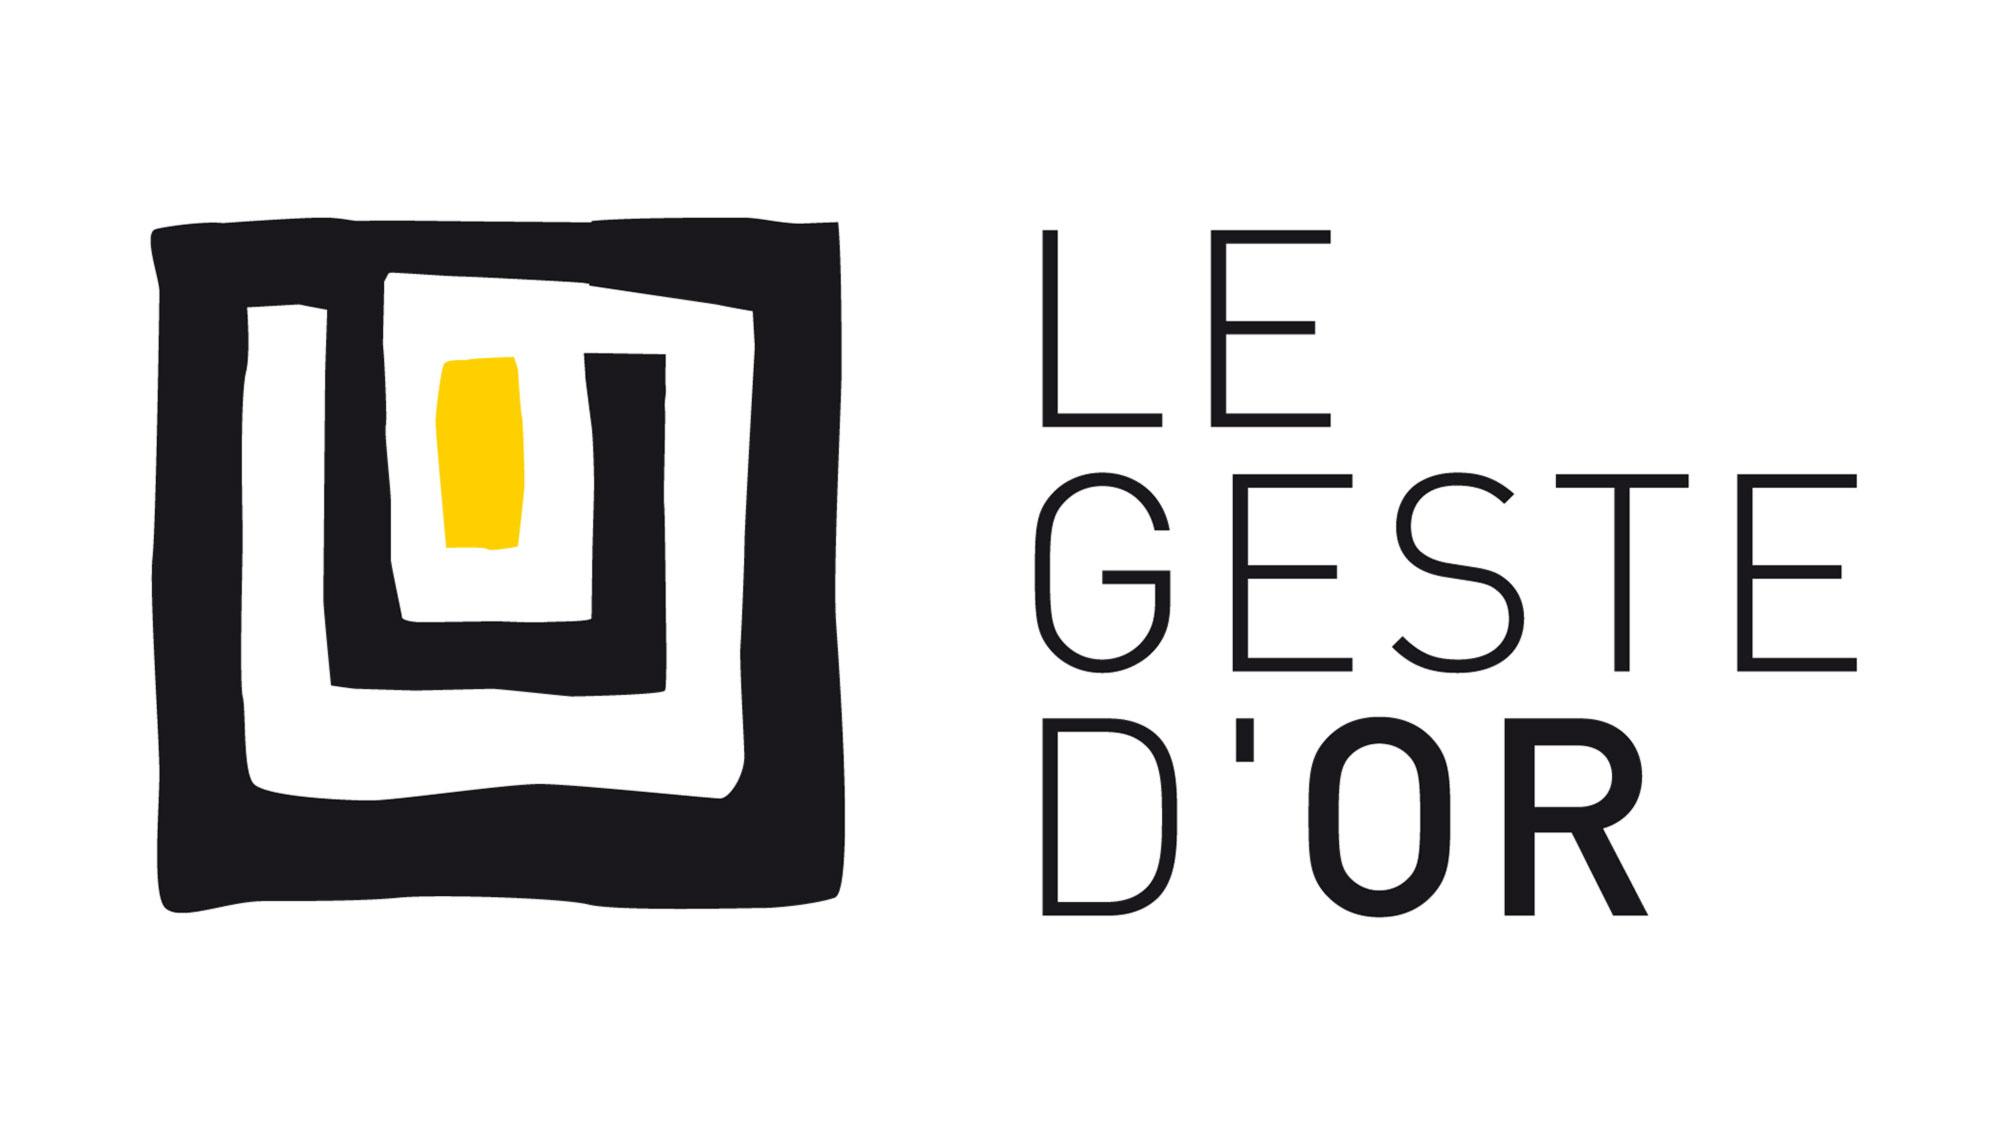 Raf Listowski Atelier d'Architecture création bureaux réhabilitation transformation nouveau siège social Carac Thétis felix potin Neuilly geste d'or